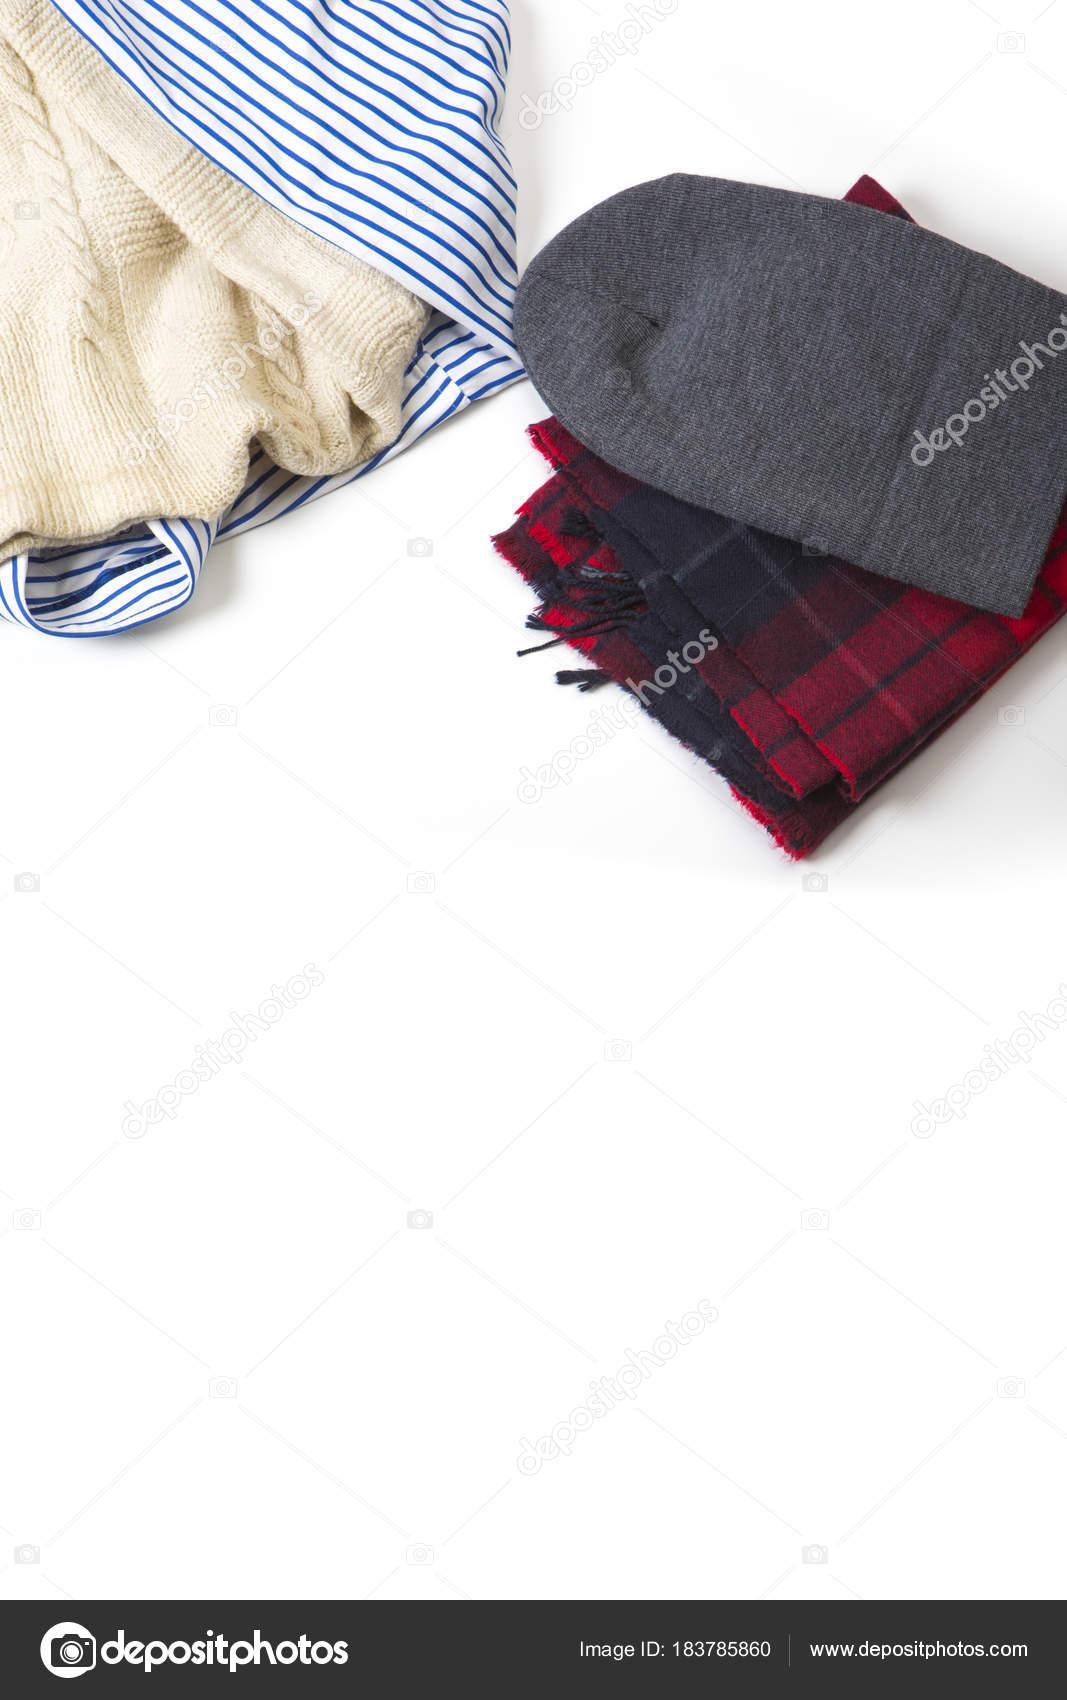 Του ανθρώπου κόκκινο καρό φουλάρι με γκρι καπέλο και ριγέ πουκάμισο με  μάλλινο λευκό πουλόβερ πάνω ffe46c5ca58